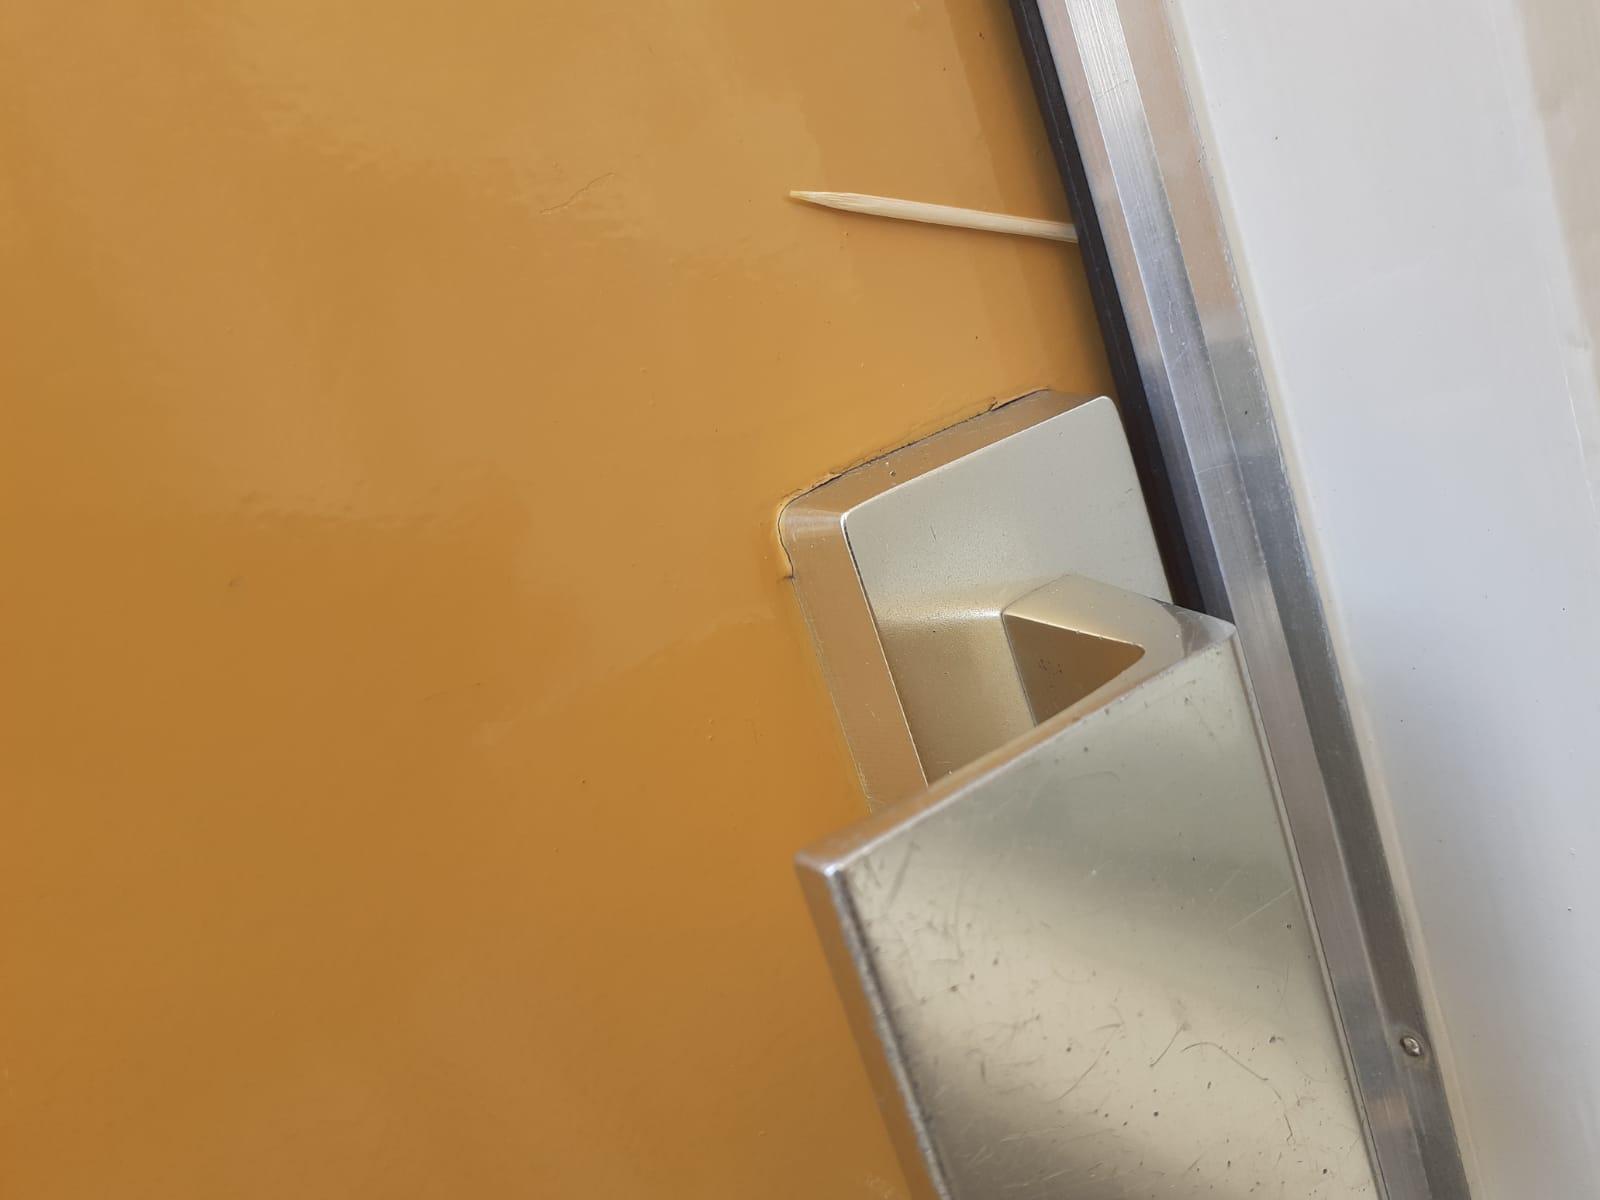 tandenstoker tussen voordeuren